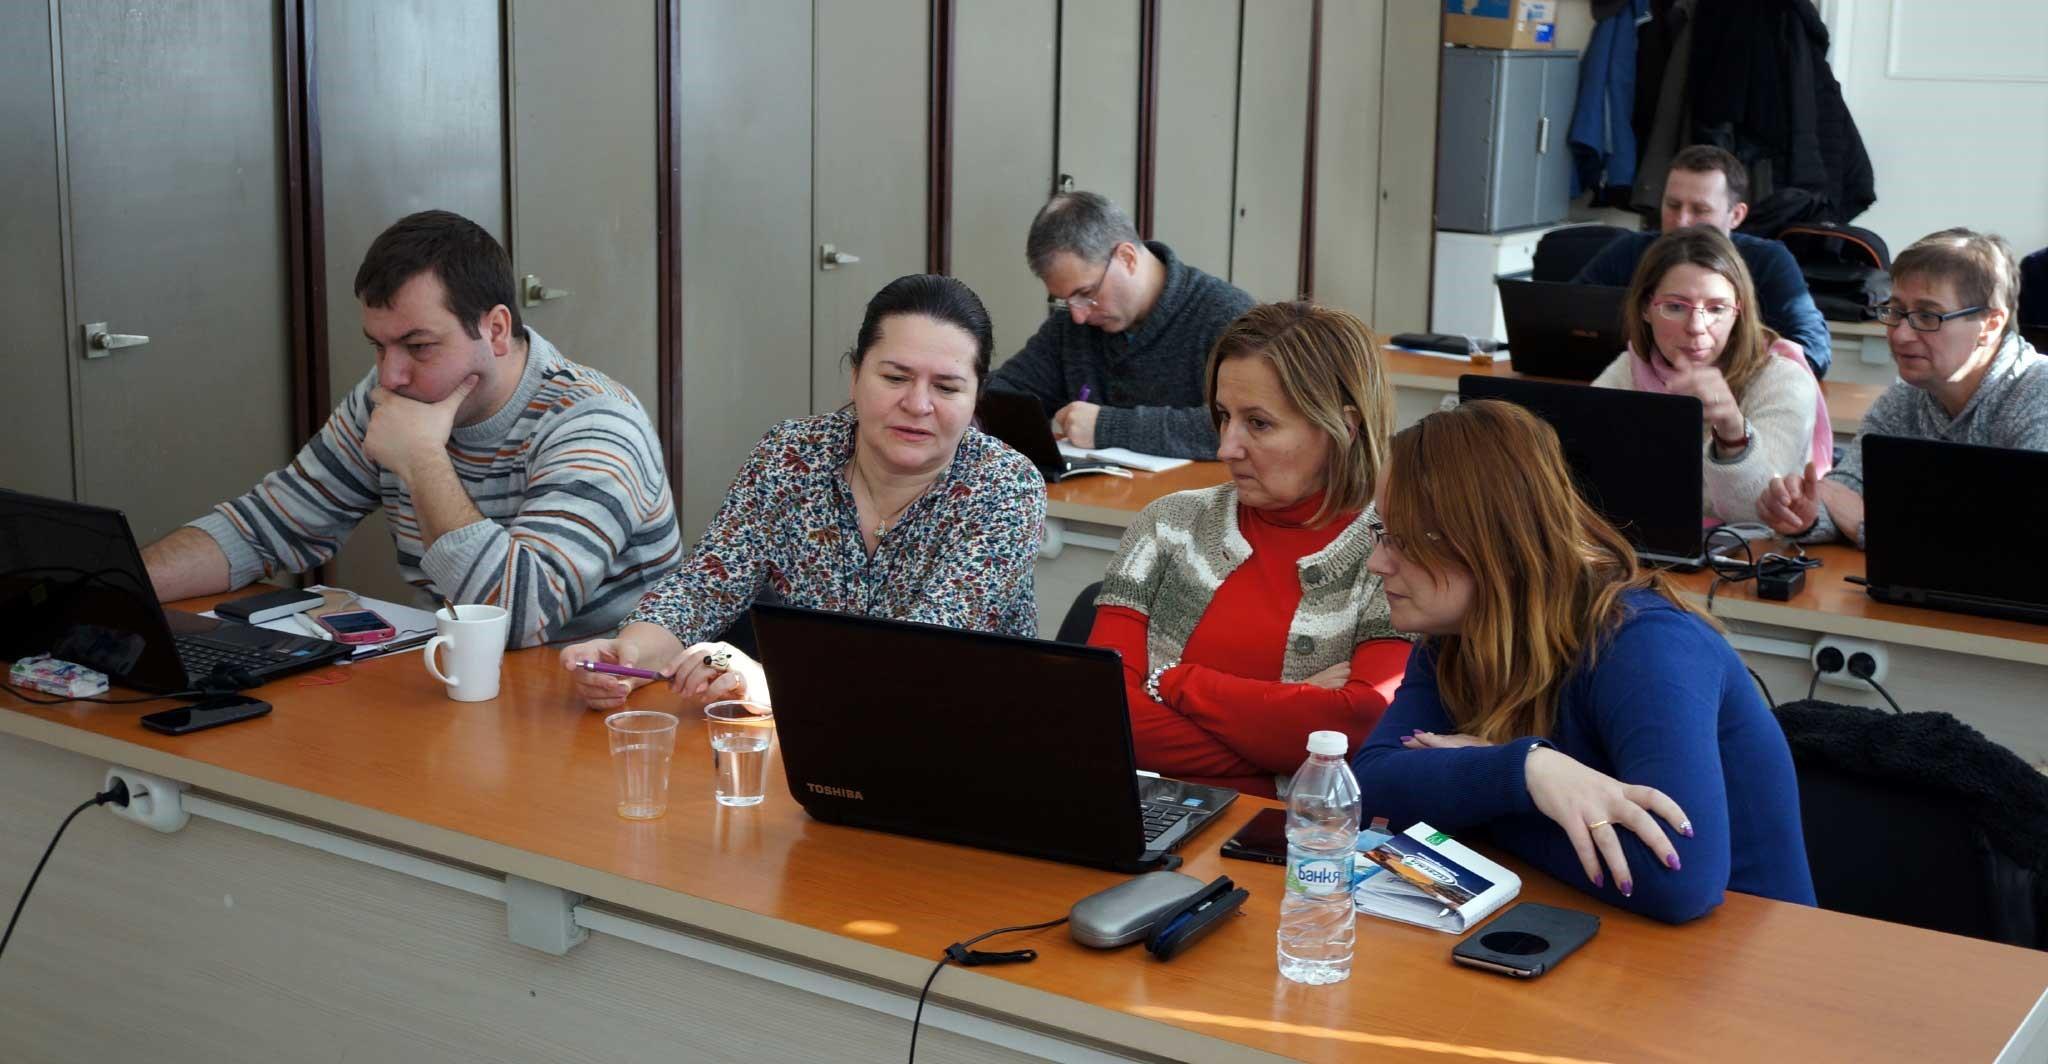 Séminaire de formation sur la plateforme de e-learning à Plovdiv